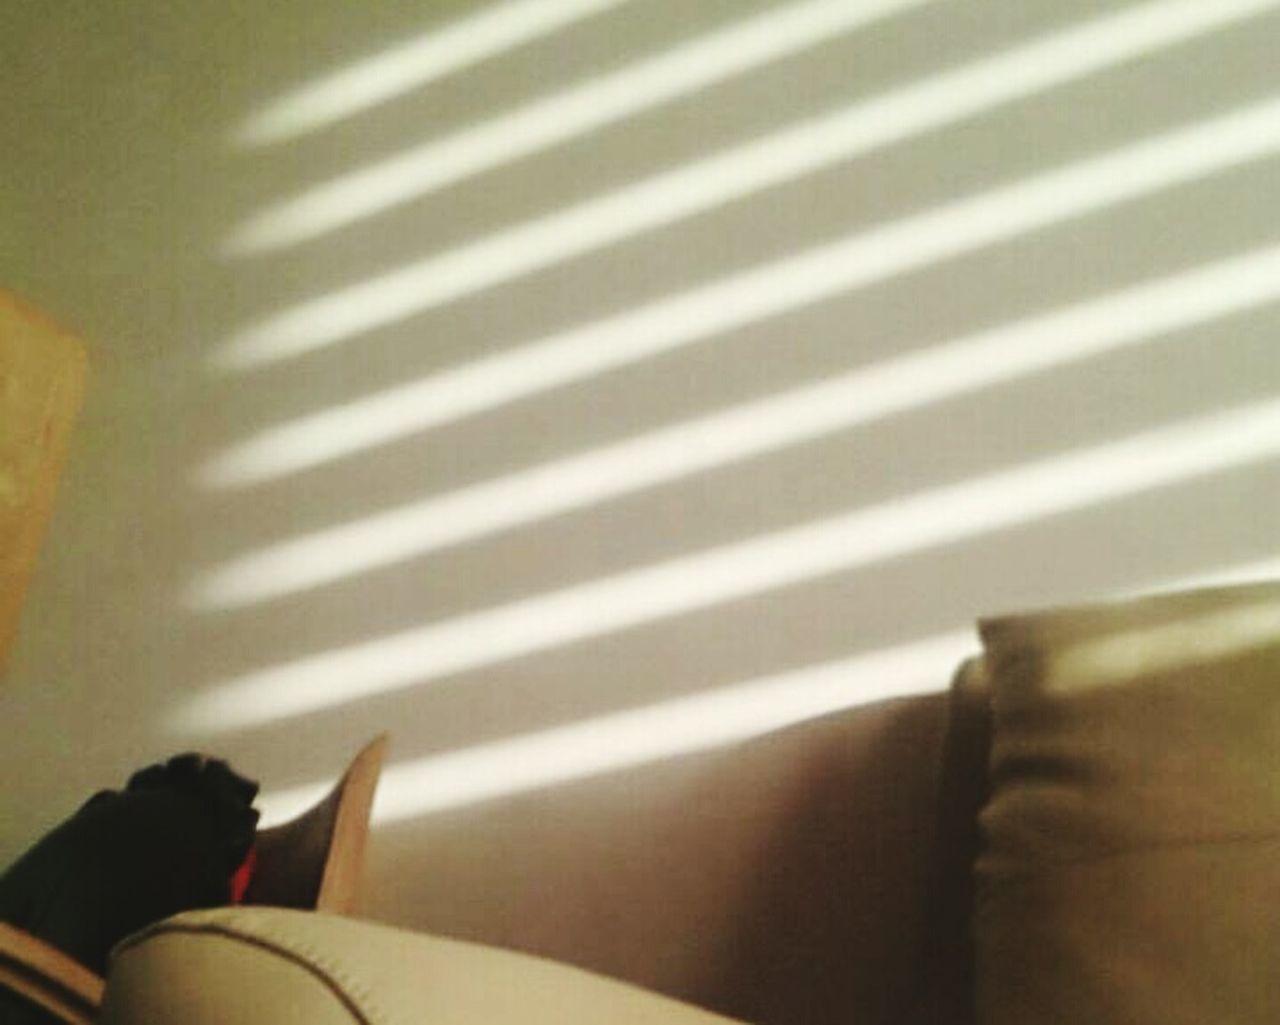 Day Pic 일상하루 햇빛 햇살 우울 기분. 맘이 찌릿한 기분 방안에 틀어박혀 있고 싶은 기분.